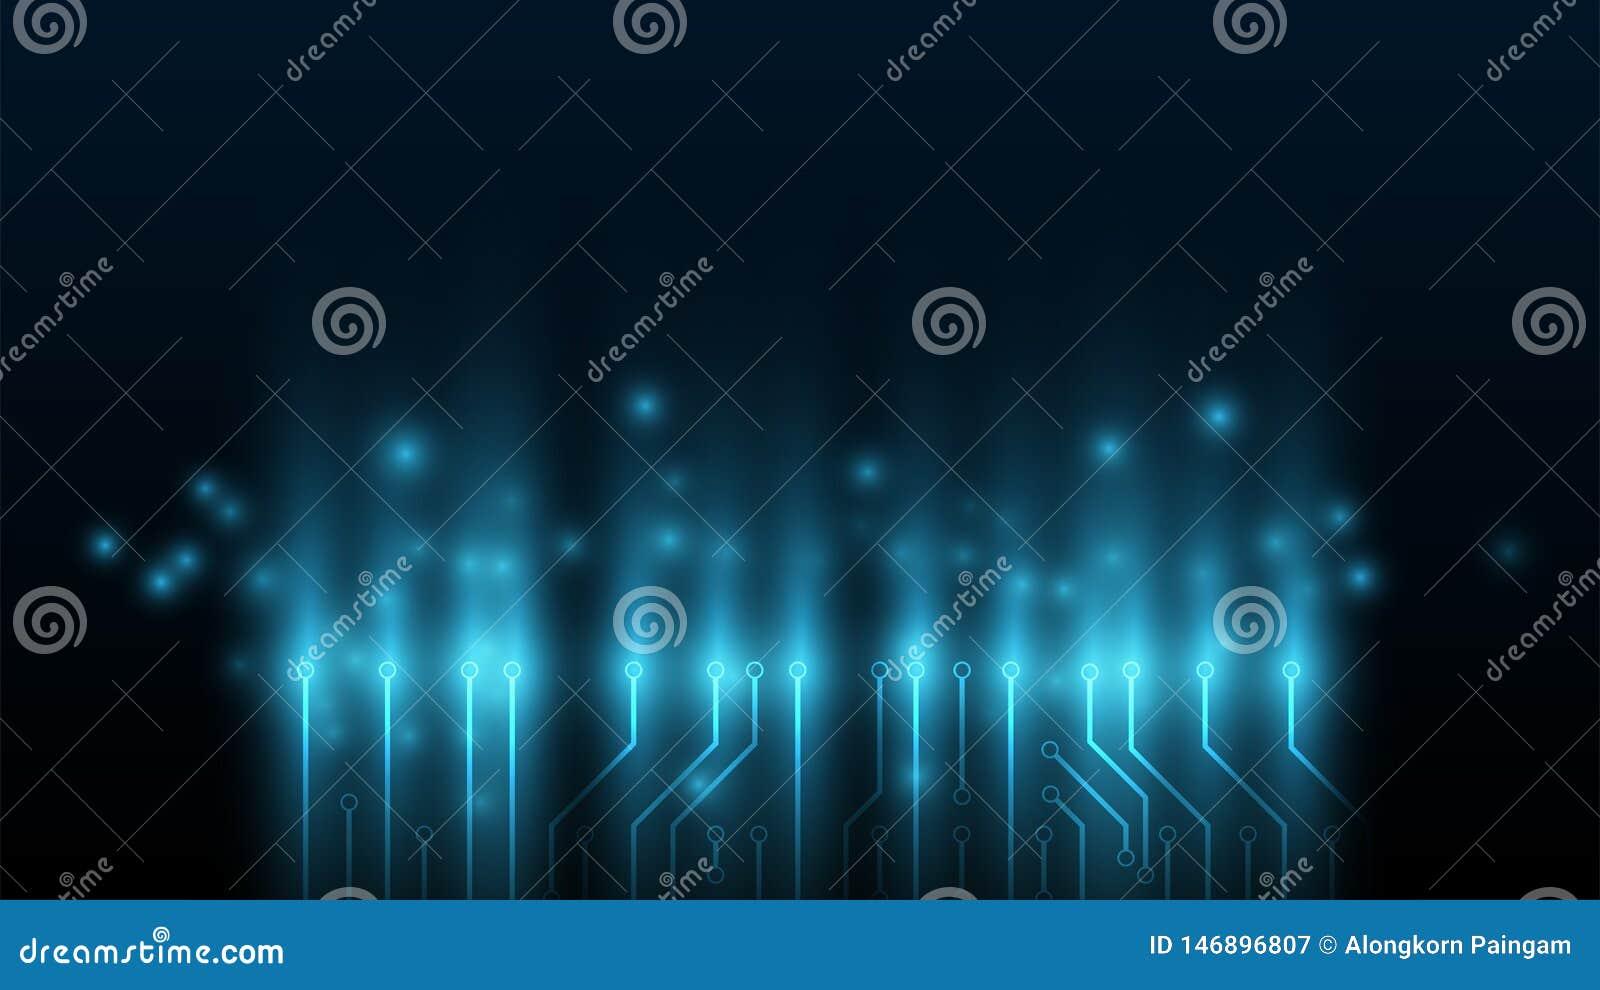 Bakgrund för strömkretsteknologi, högteknologisk processorbakgrund, bakgrund för information om teknologi, hastighet att förbinda